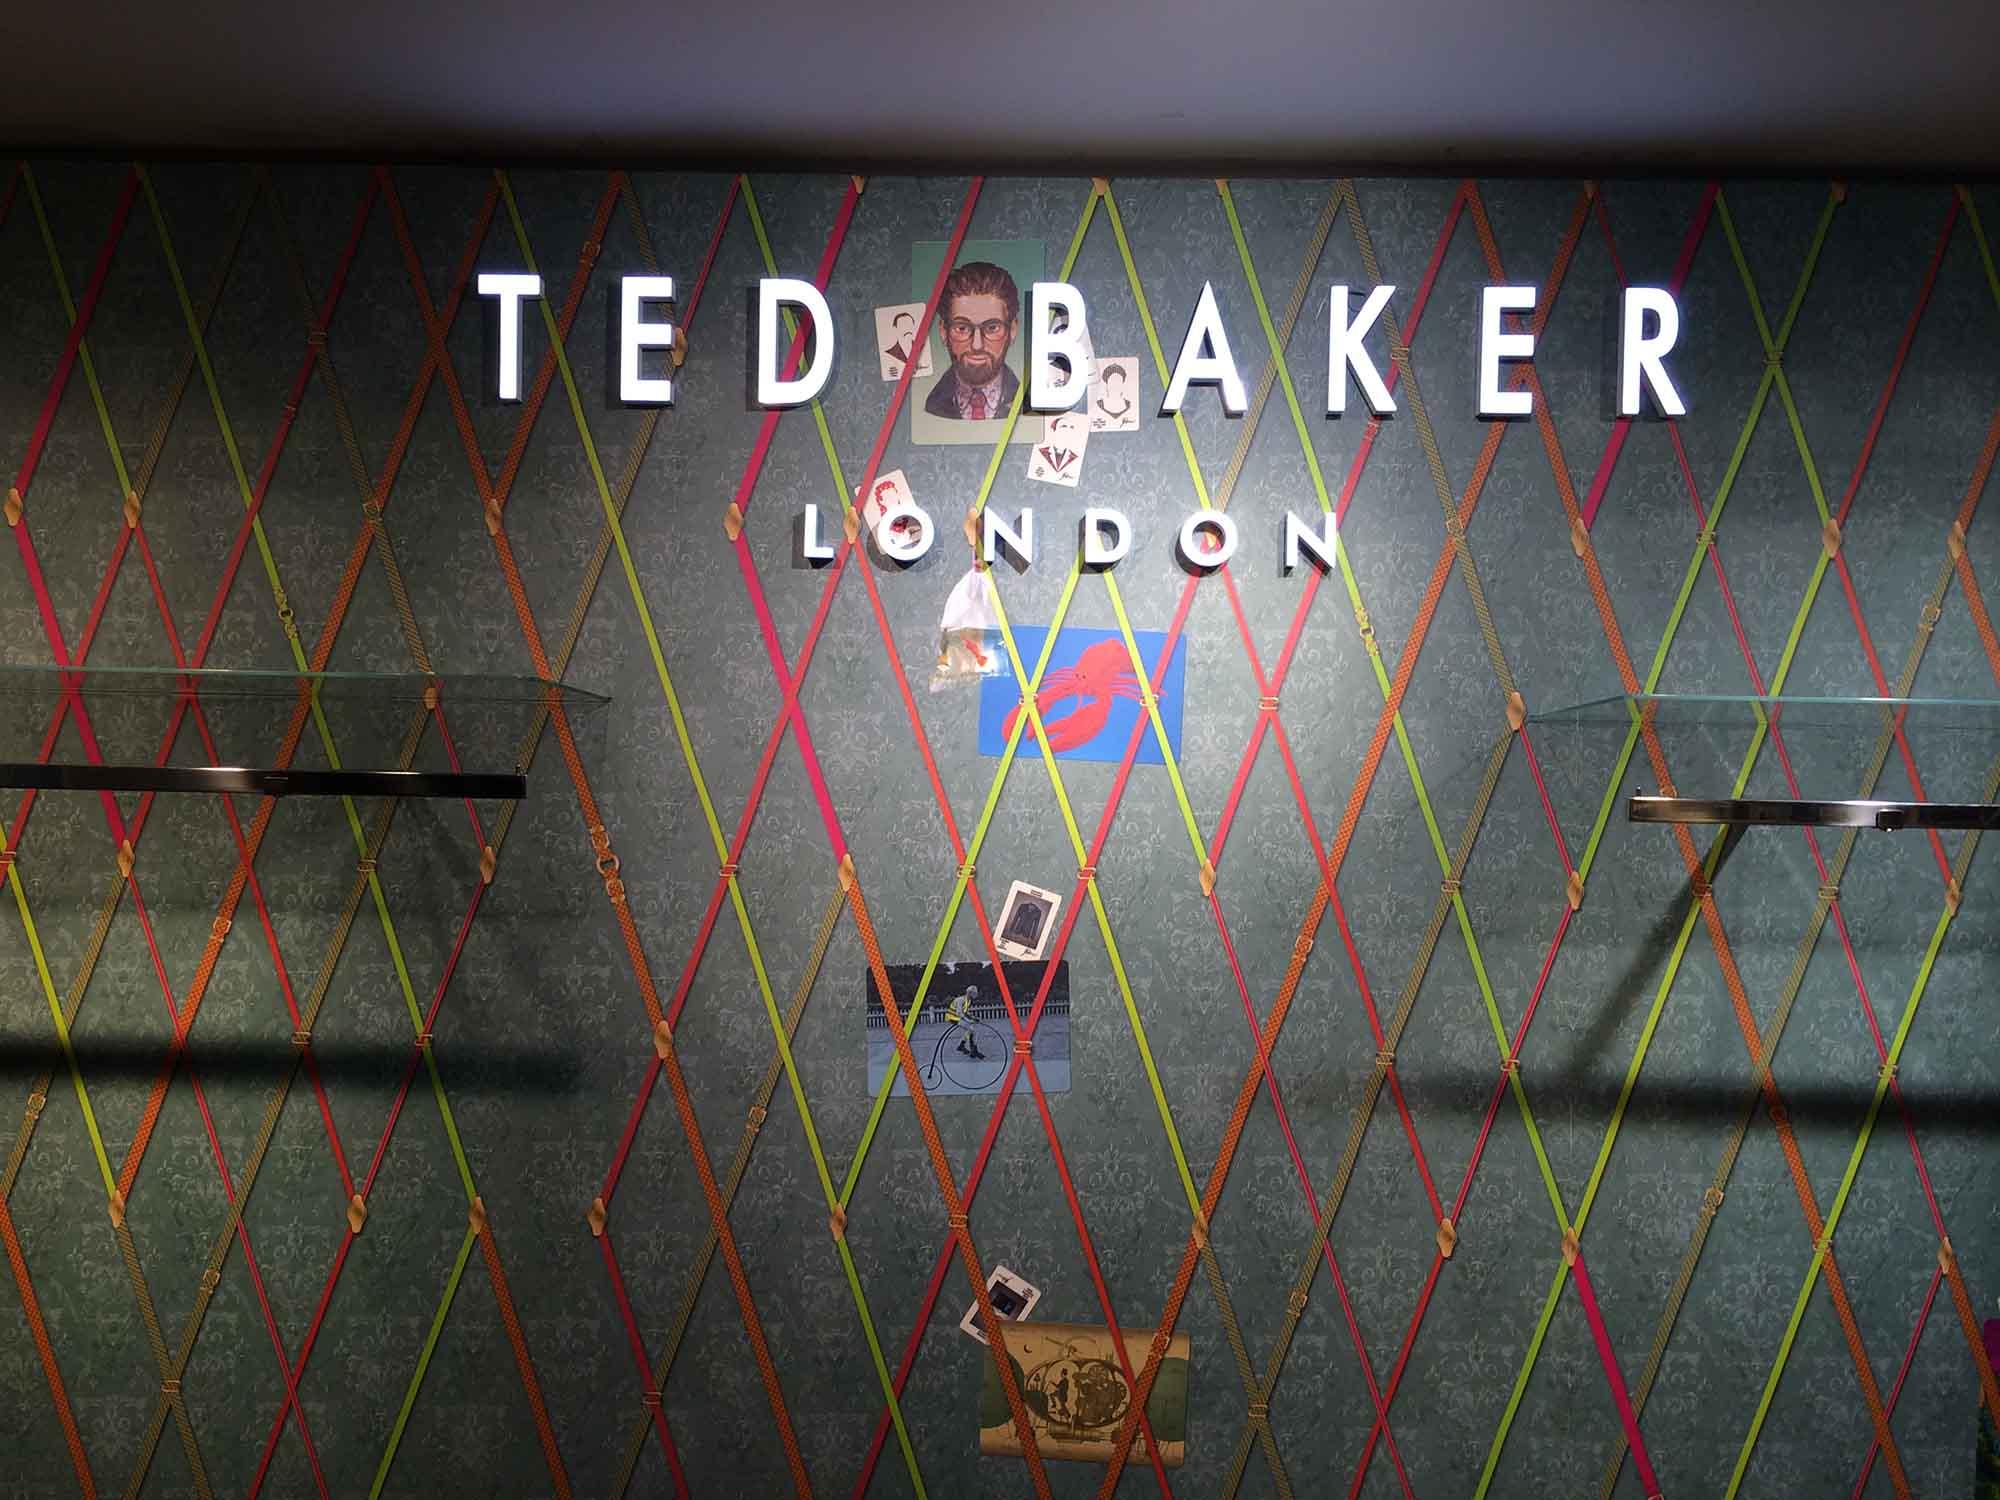 Ted Baker 4